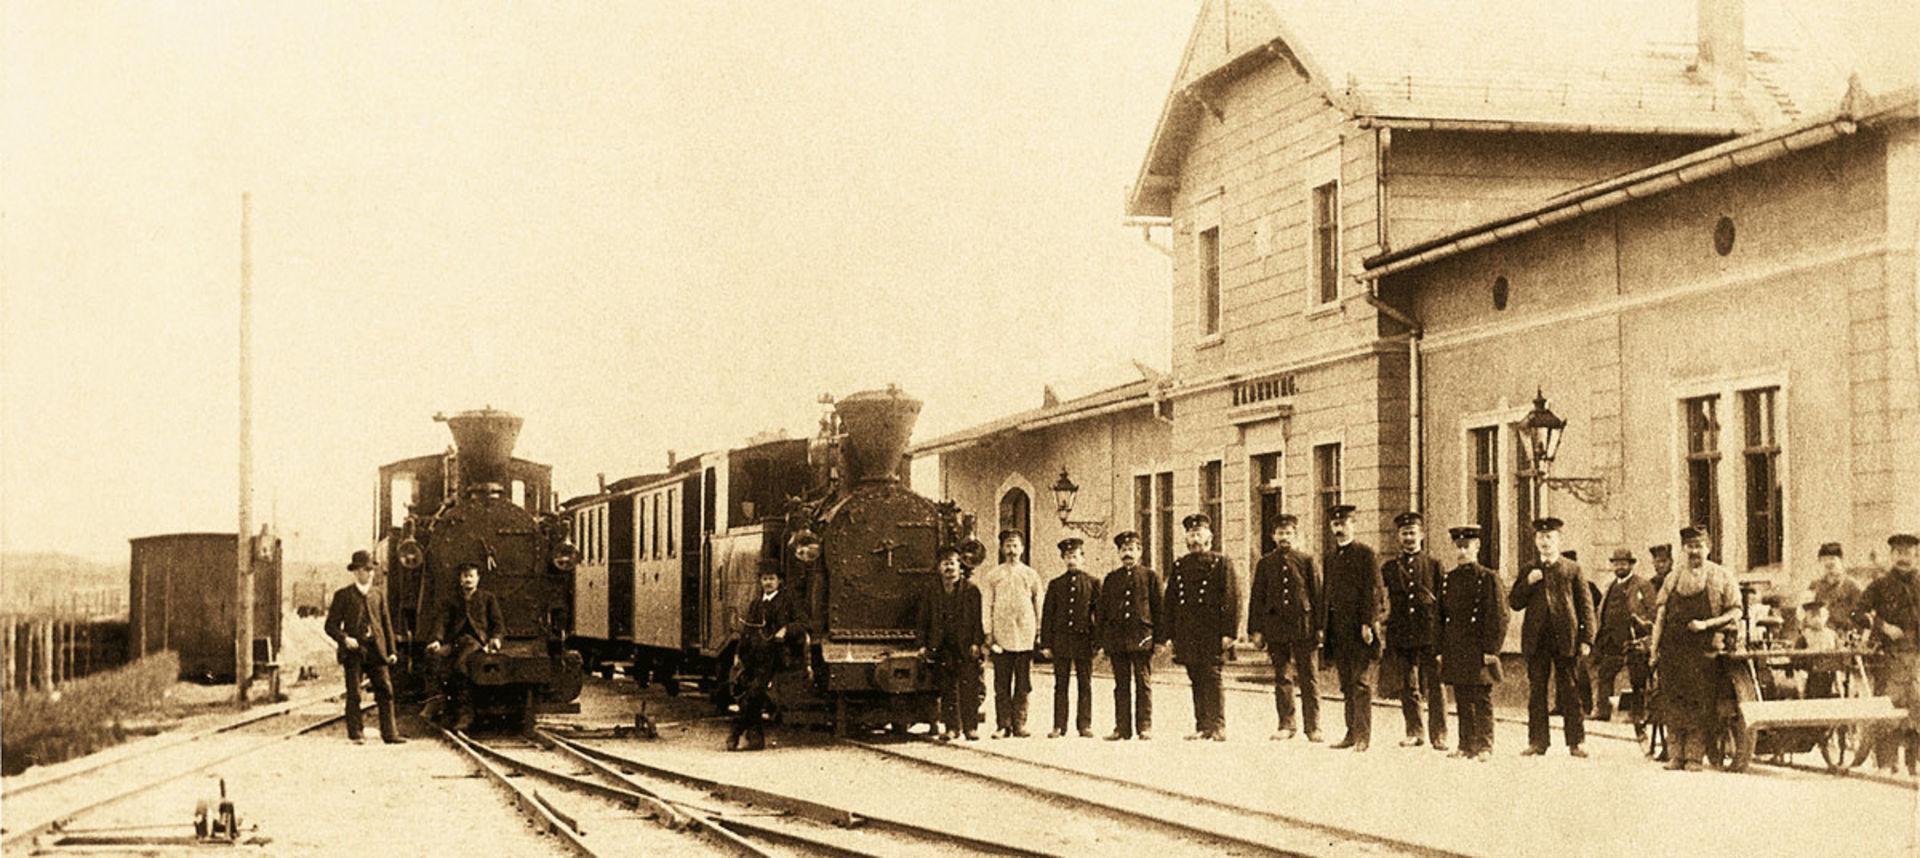 Historische Aufnahme des Bahnhofs Radeburg mit Fahrzeug und Personal.  © Sammlung Traditionsbahn Radebeul e.V.